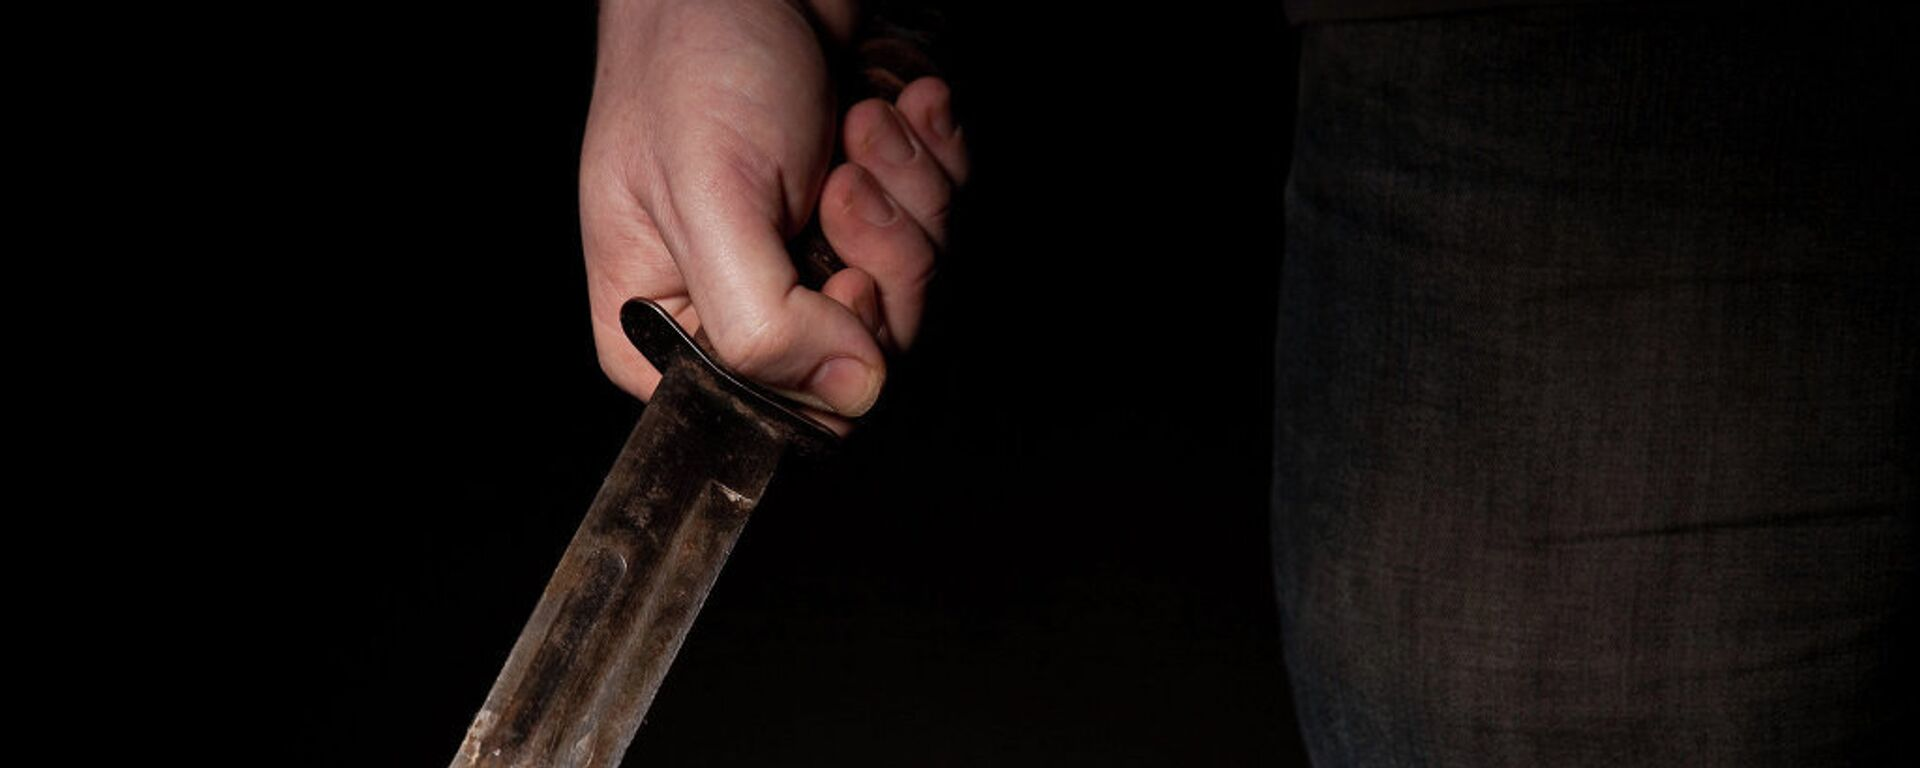 Убийство ножом - Sputnik Узбекистан, 1920, 16.09.2020